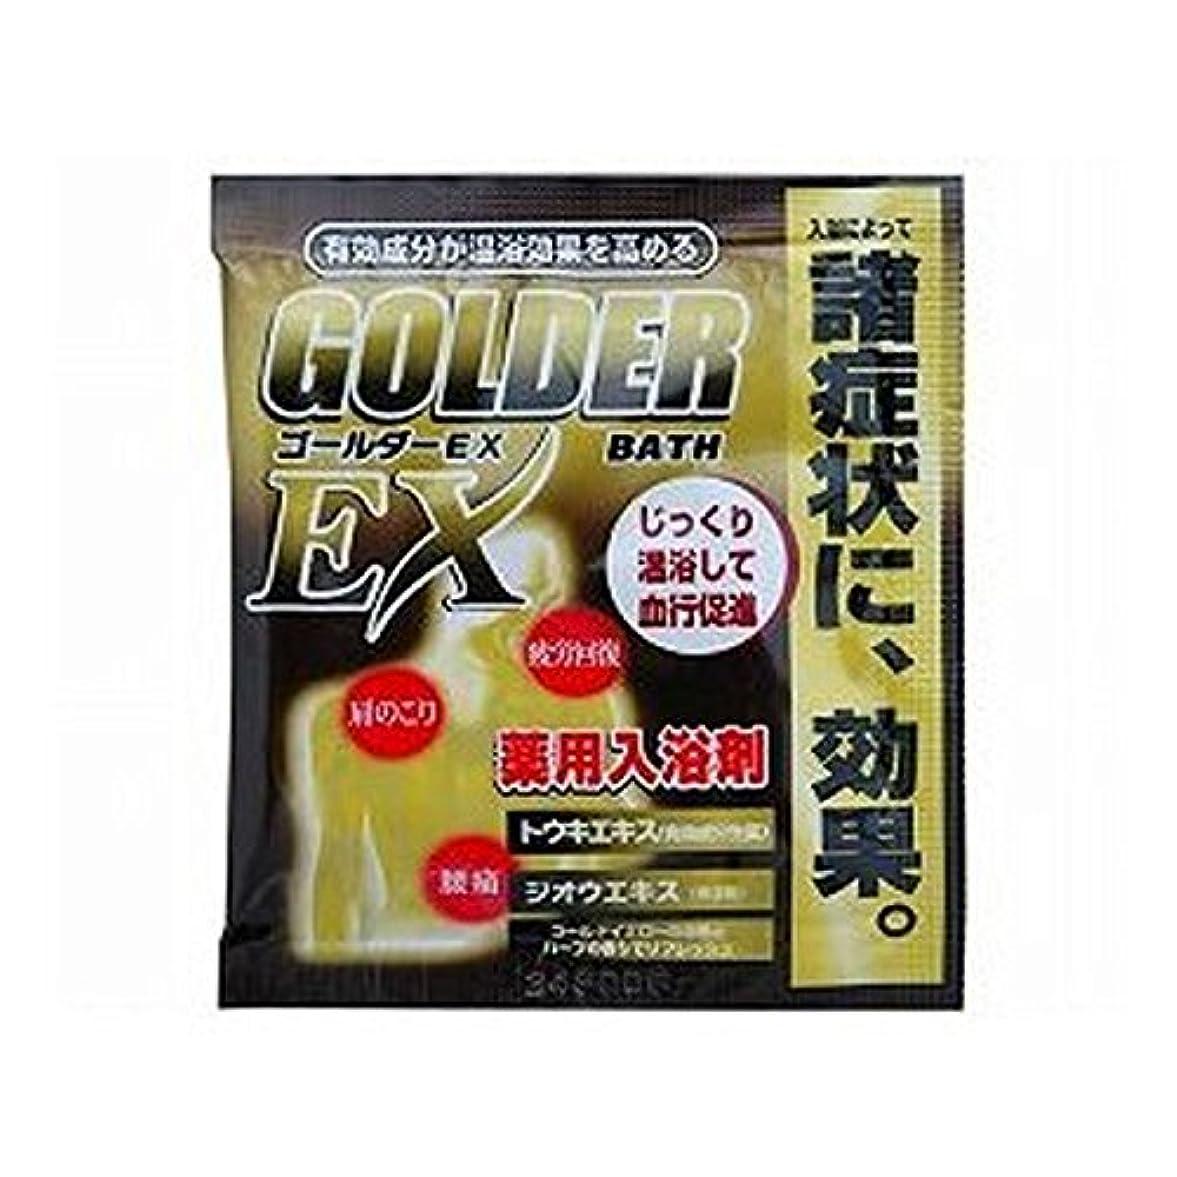 良心的汚れる手綱ゴールダーEX 25g(入浴剤)